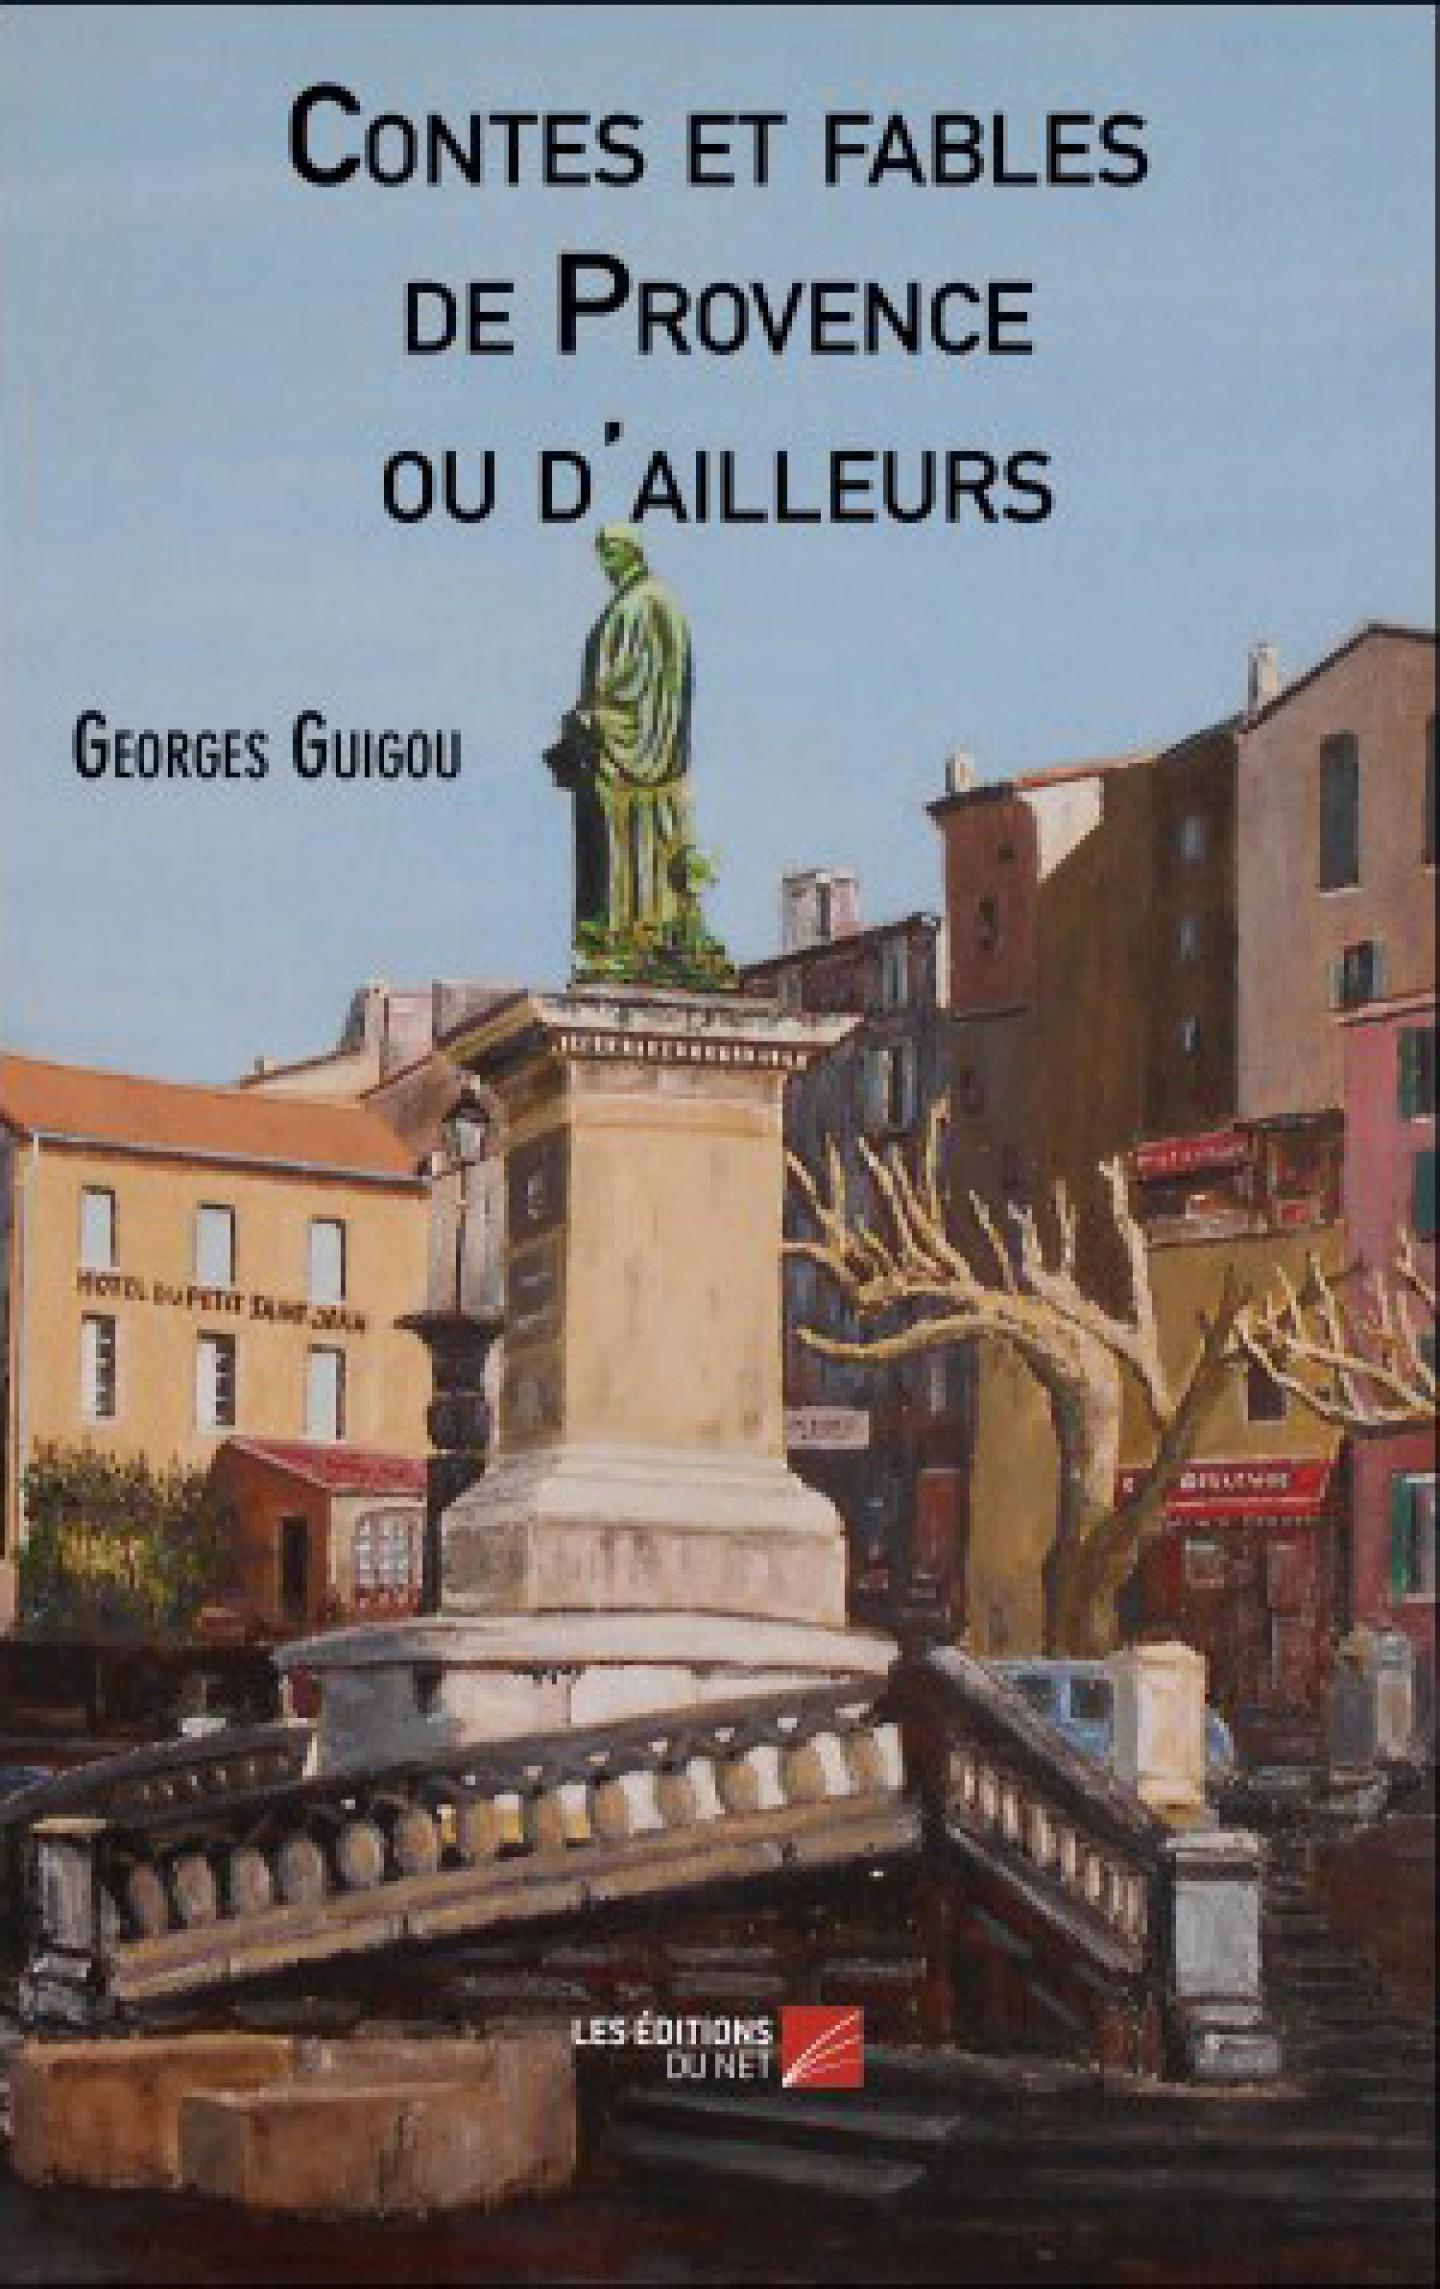 Contes et Fables de Provence ou d'ailleurs de Georges Guigou